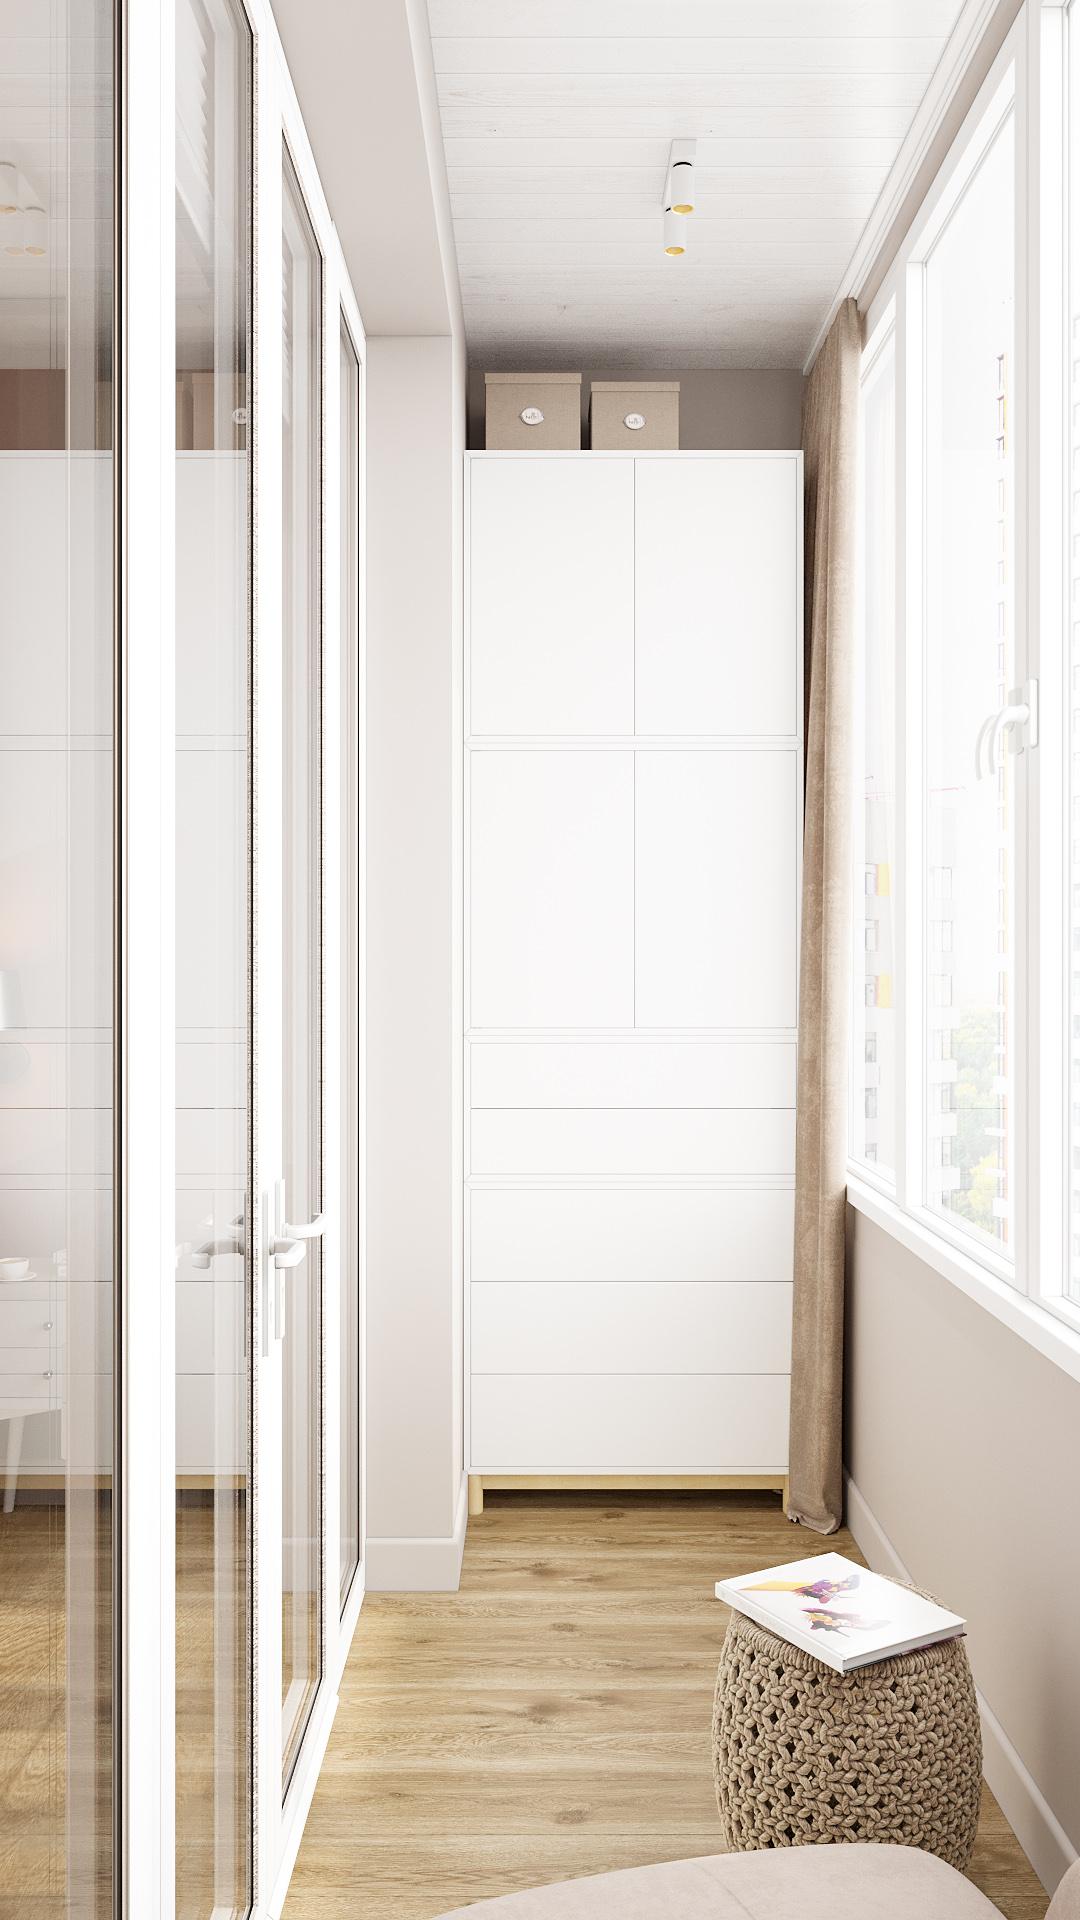 Балкон - как продолжение комнаты